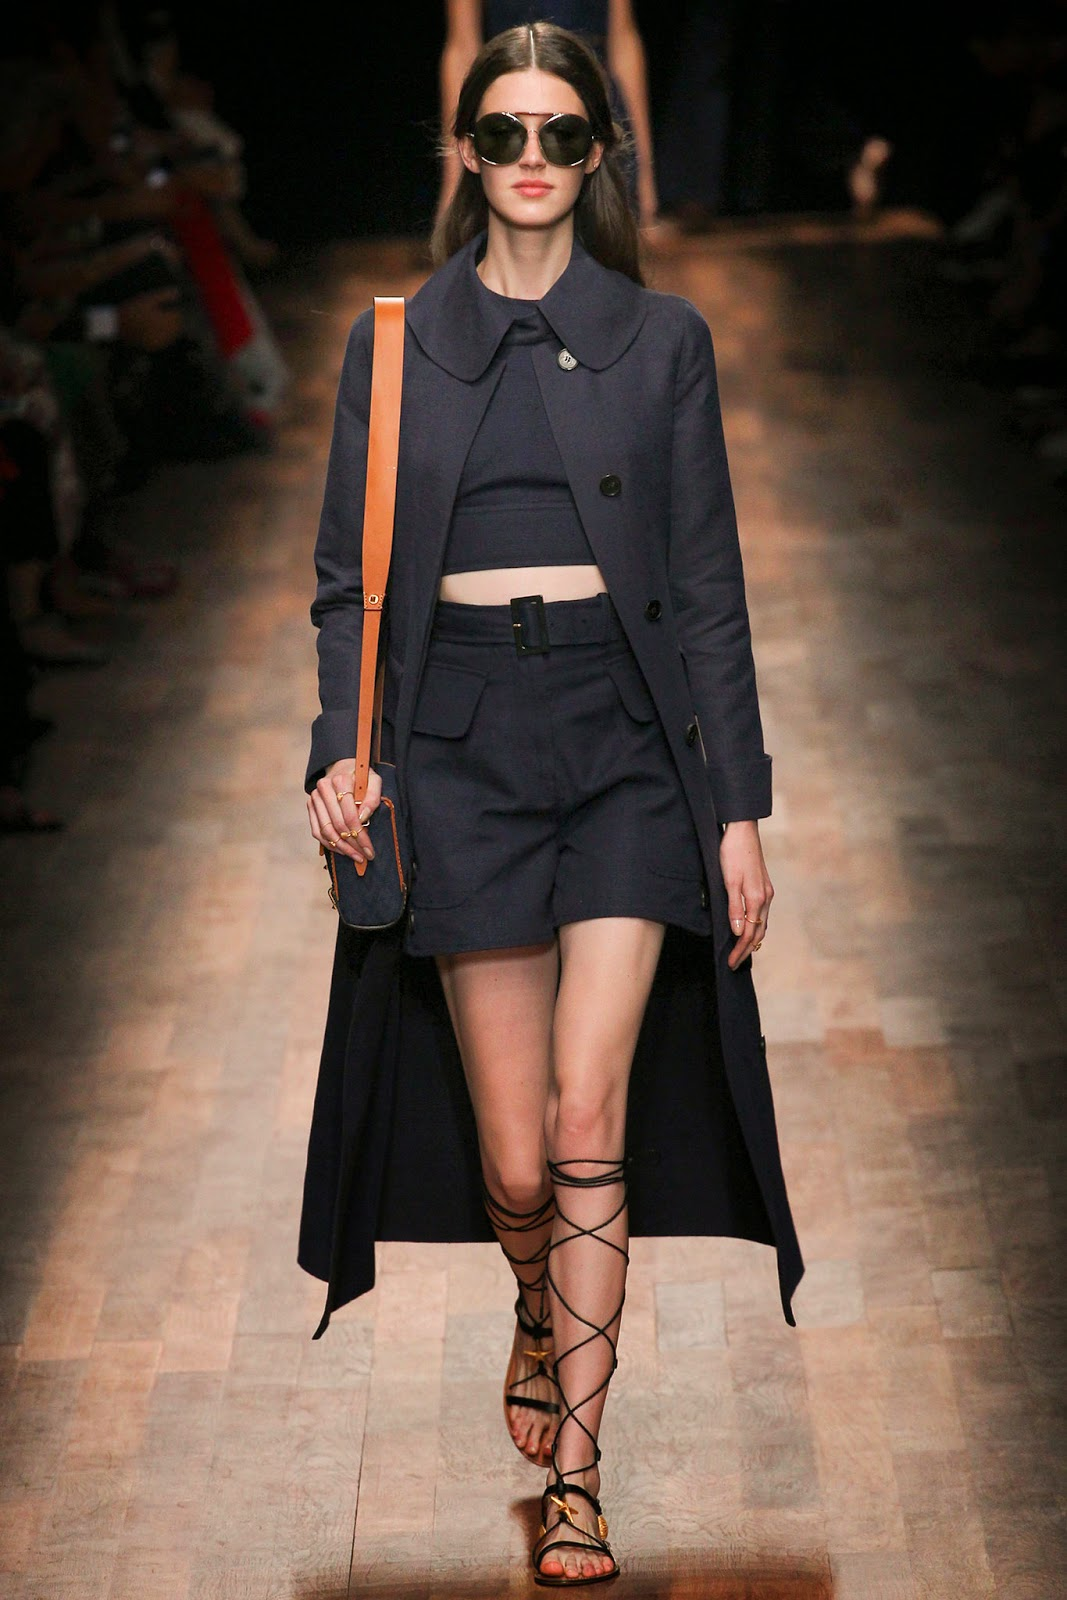 valentino 2015 summer 2016 trend women dress 4 Valentino 2015 samling, våren sommaren 2016 Valentino klänning modeller, Valentino kväll klänning nya säsongen kvinnors kjolar modeller